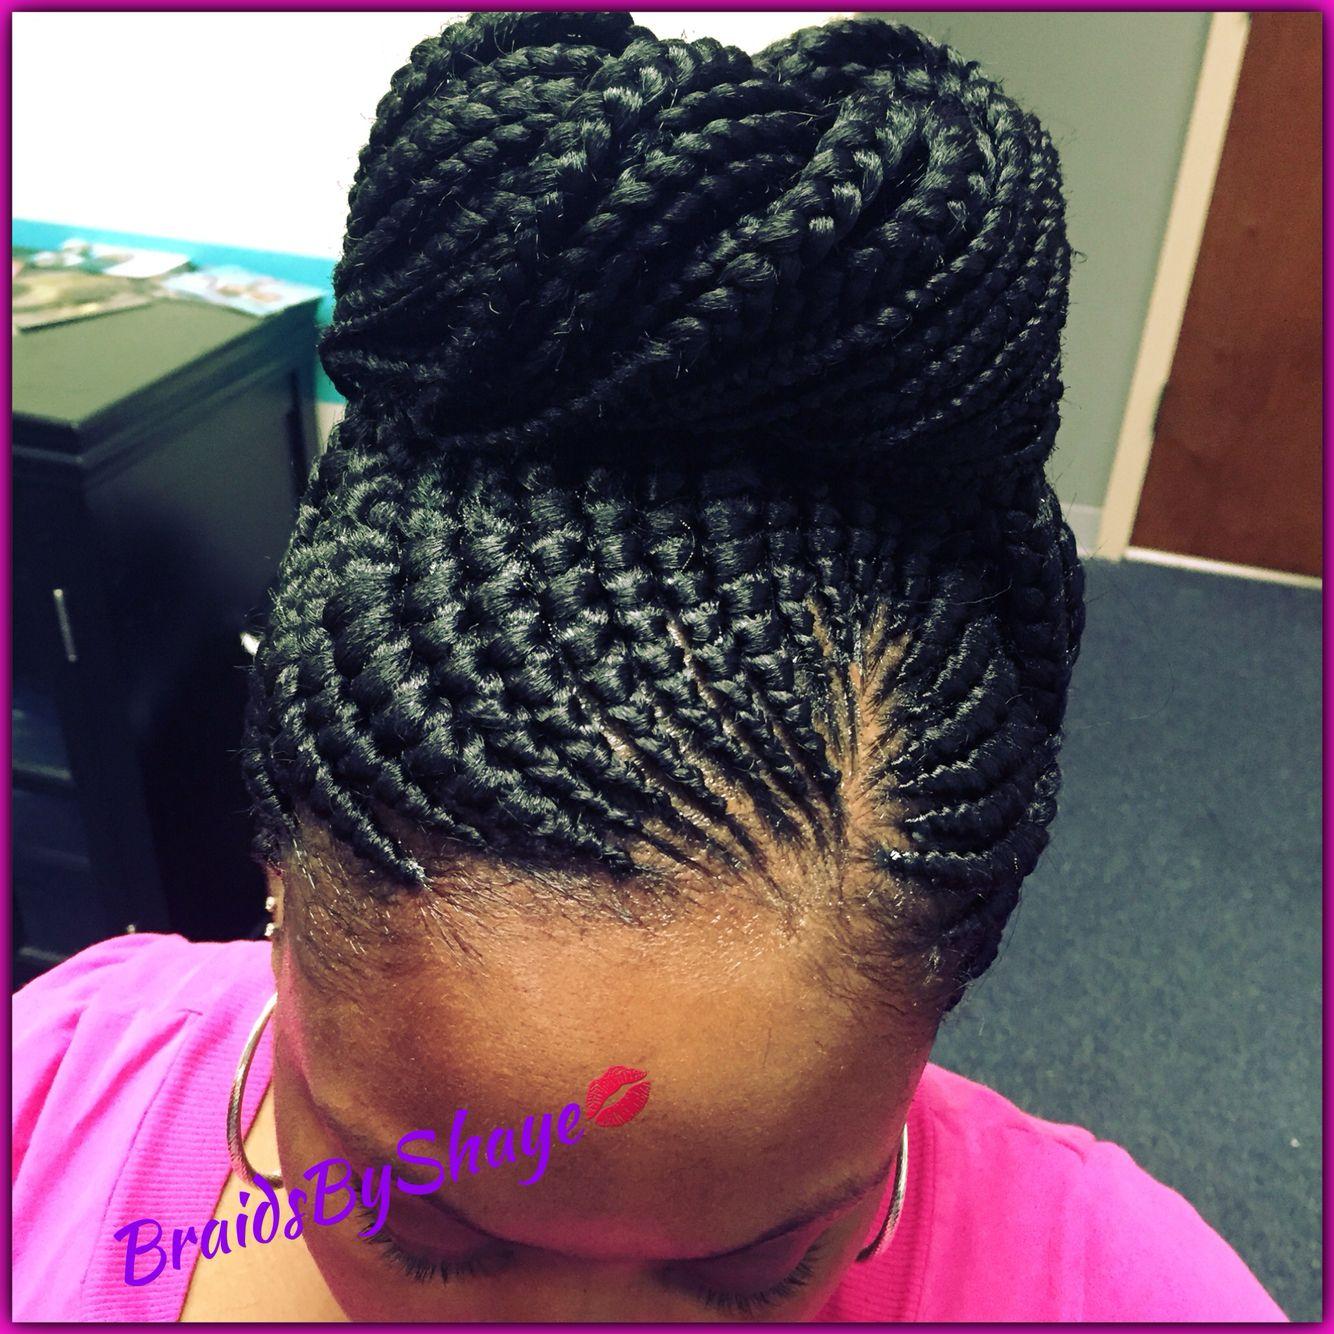 Small Braid Ghana Bun Hair Styles Braided Hairdo Small Braids